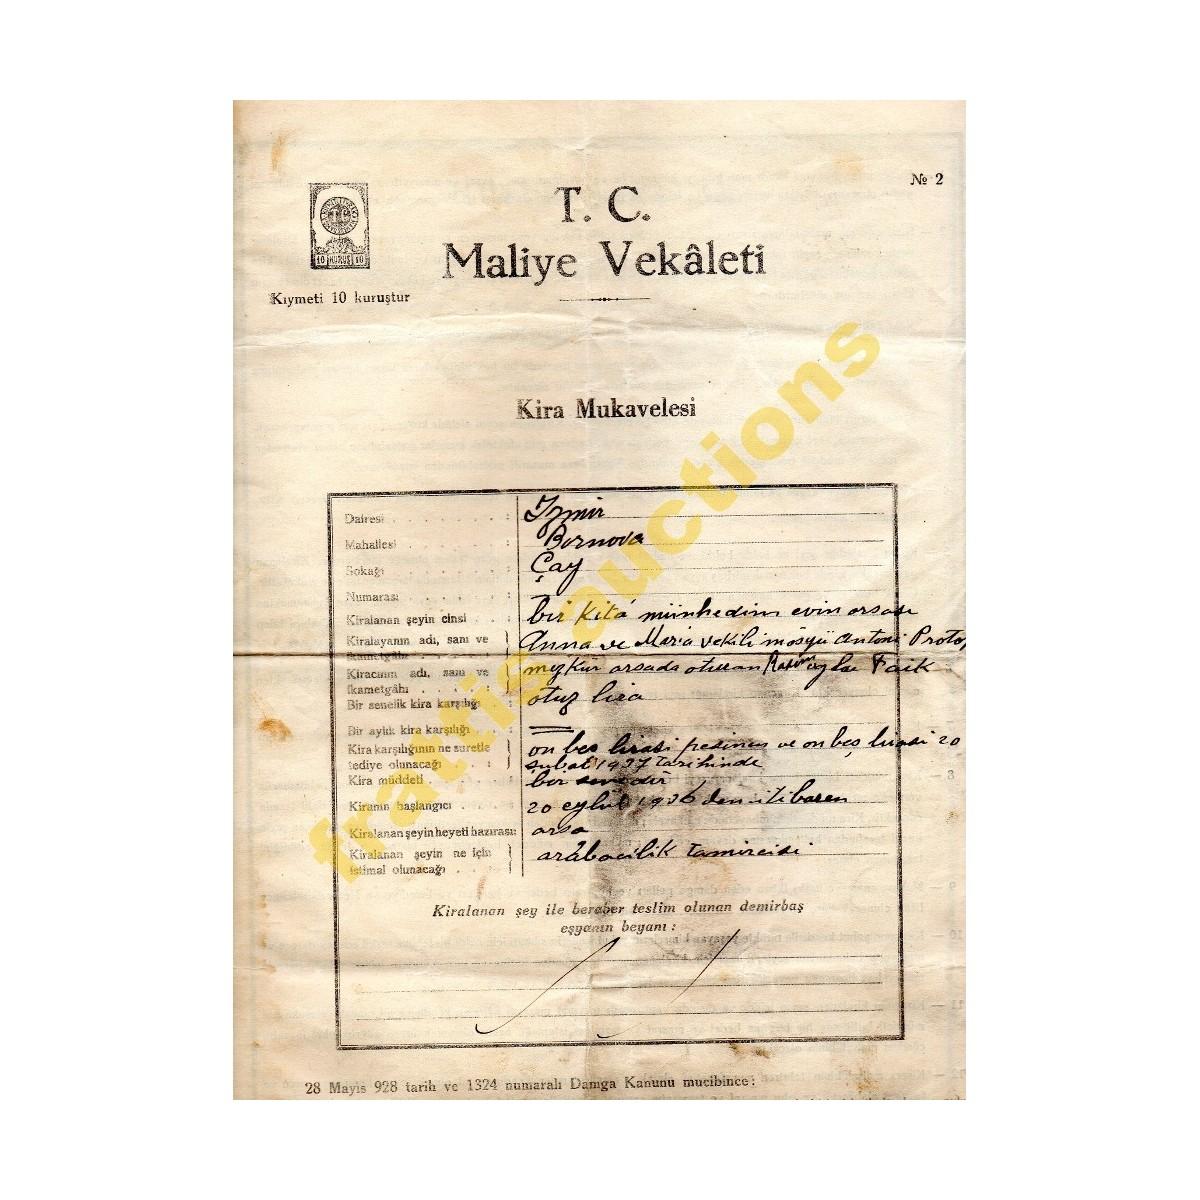 Σμύρνη 1936, Συμφωνητικό μίσθωσης στο Μπουρνόβα.